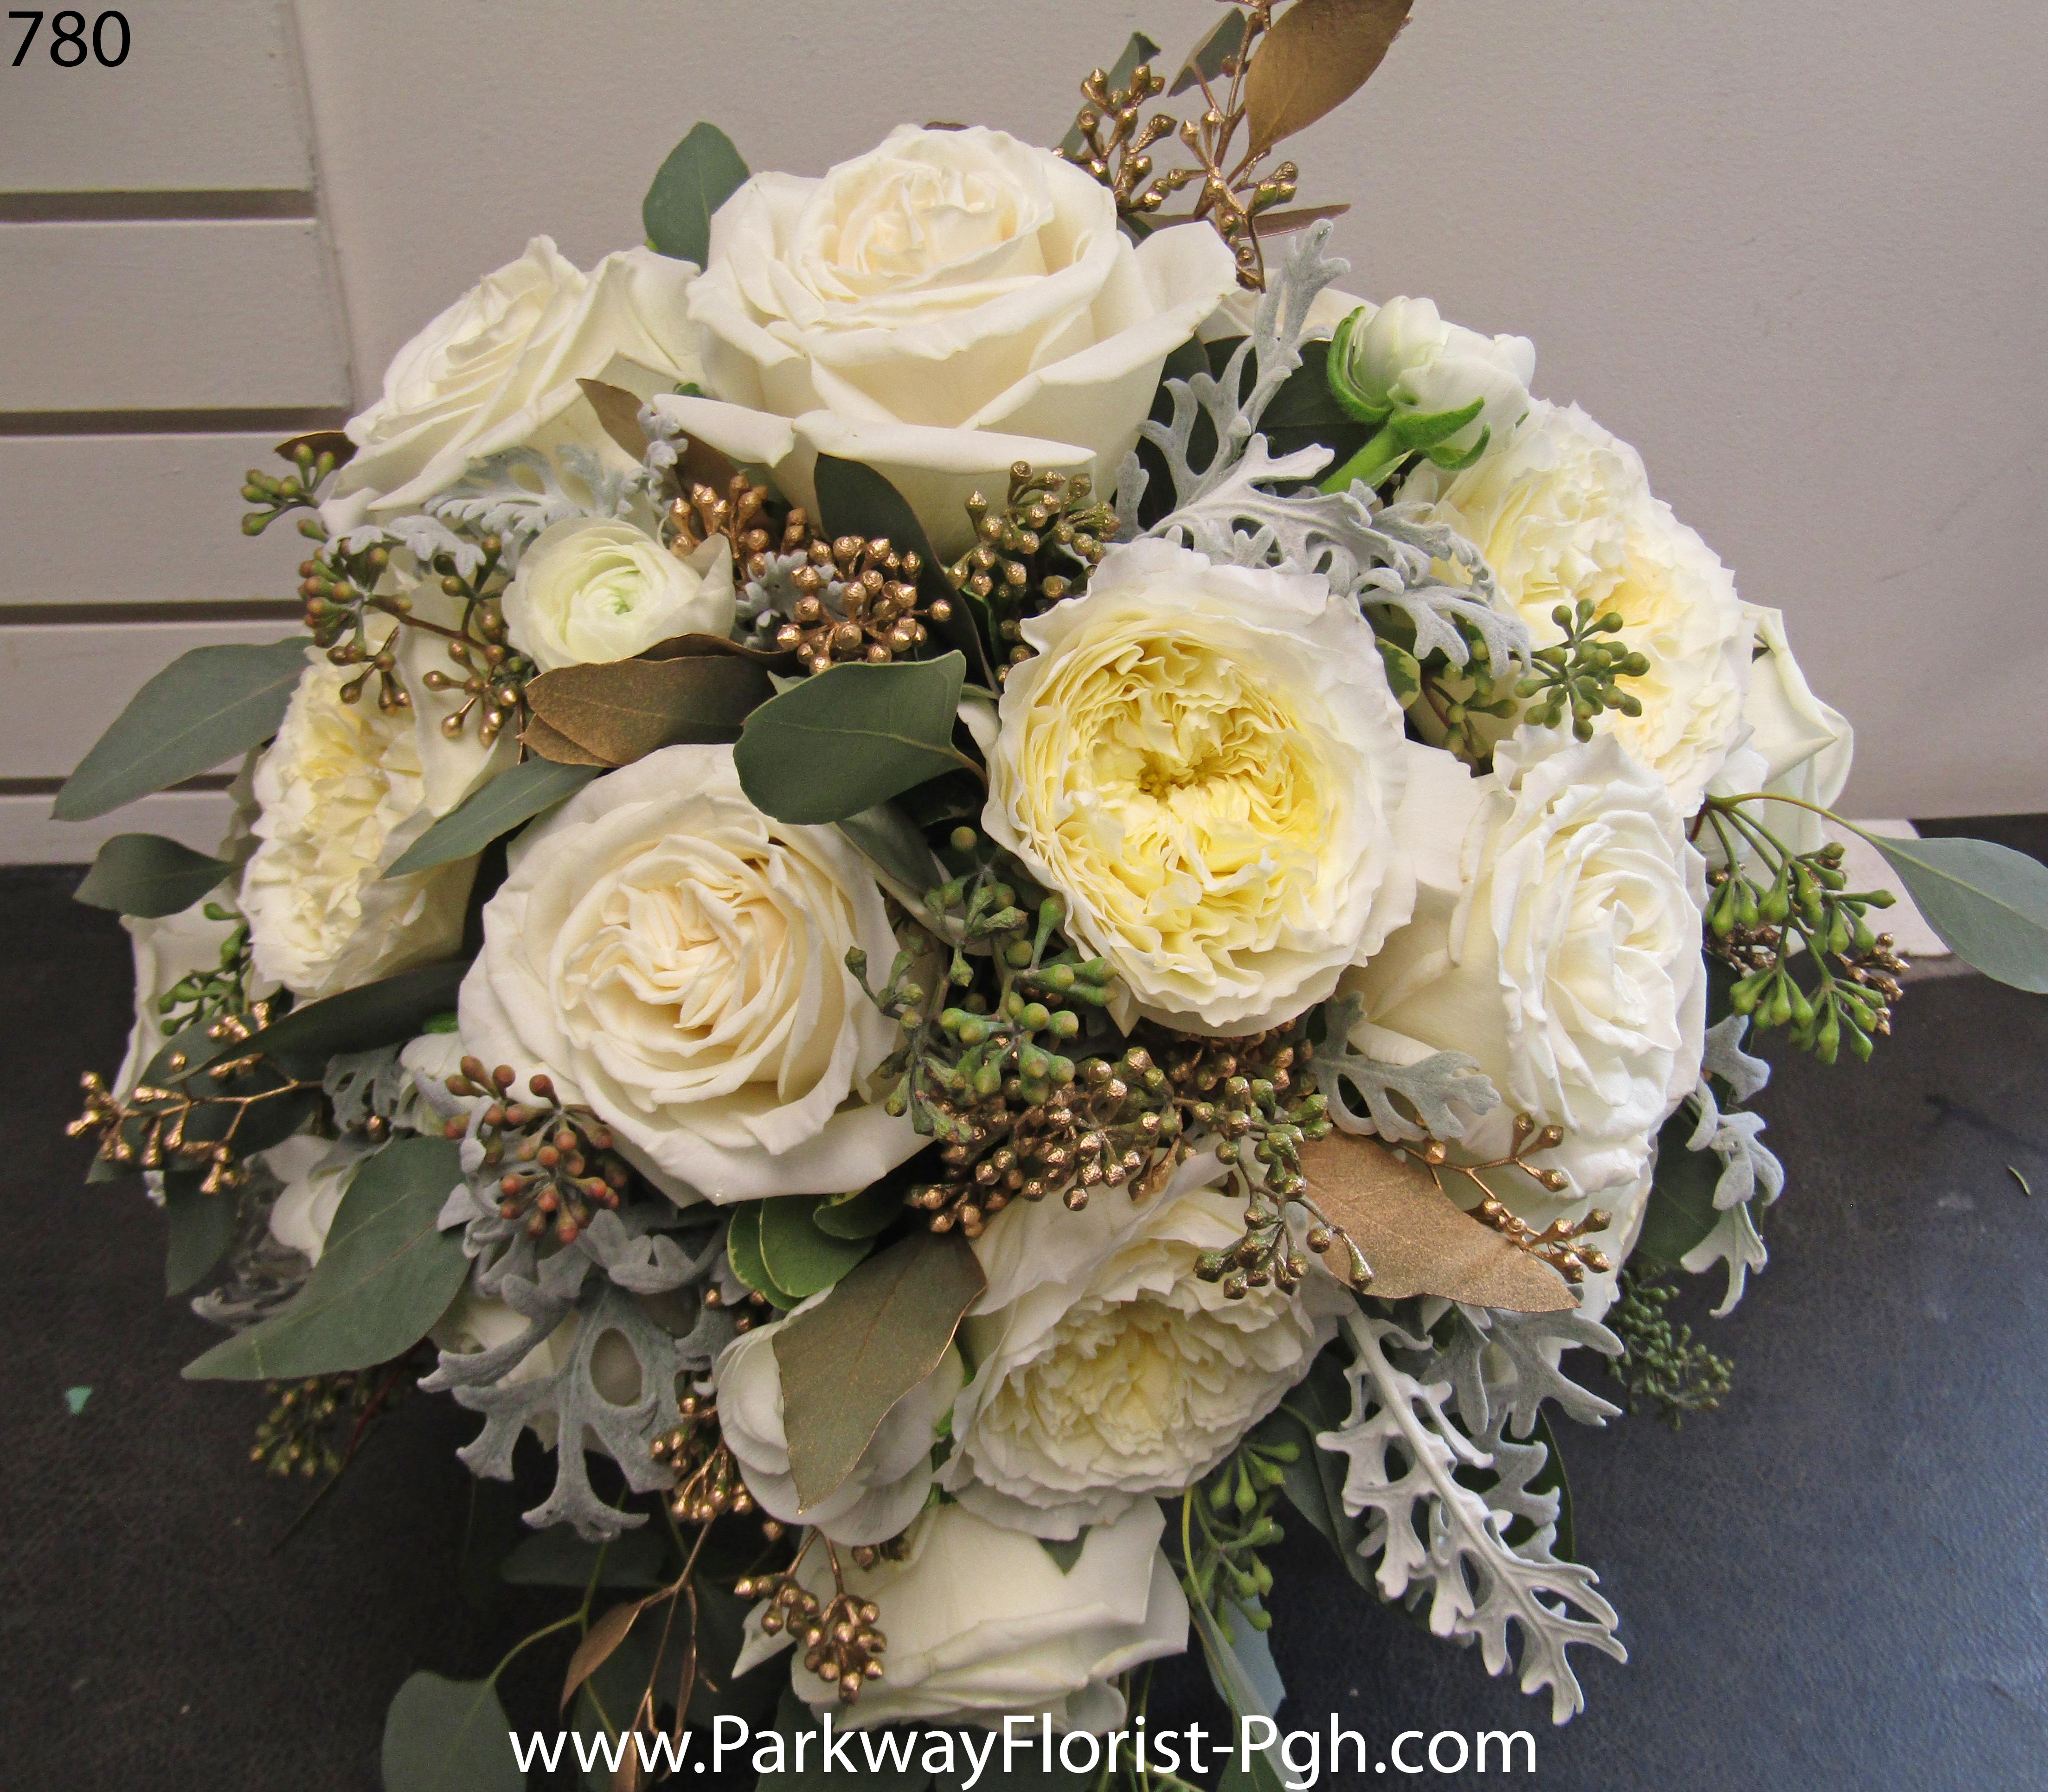 bouquets 780.jpg